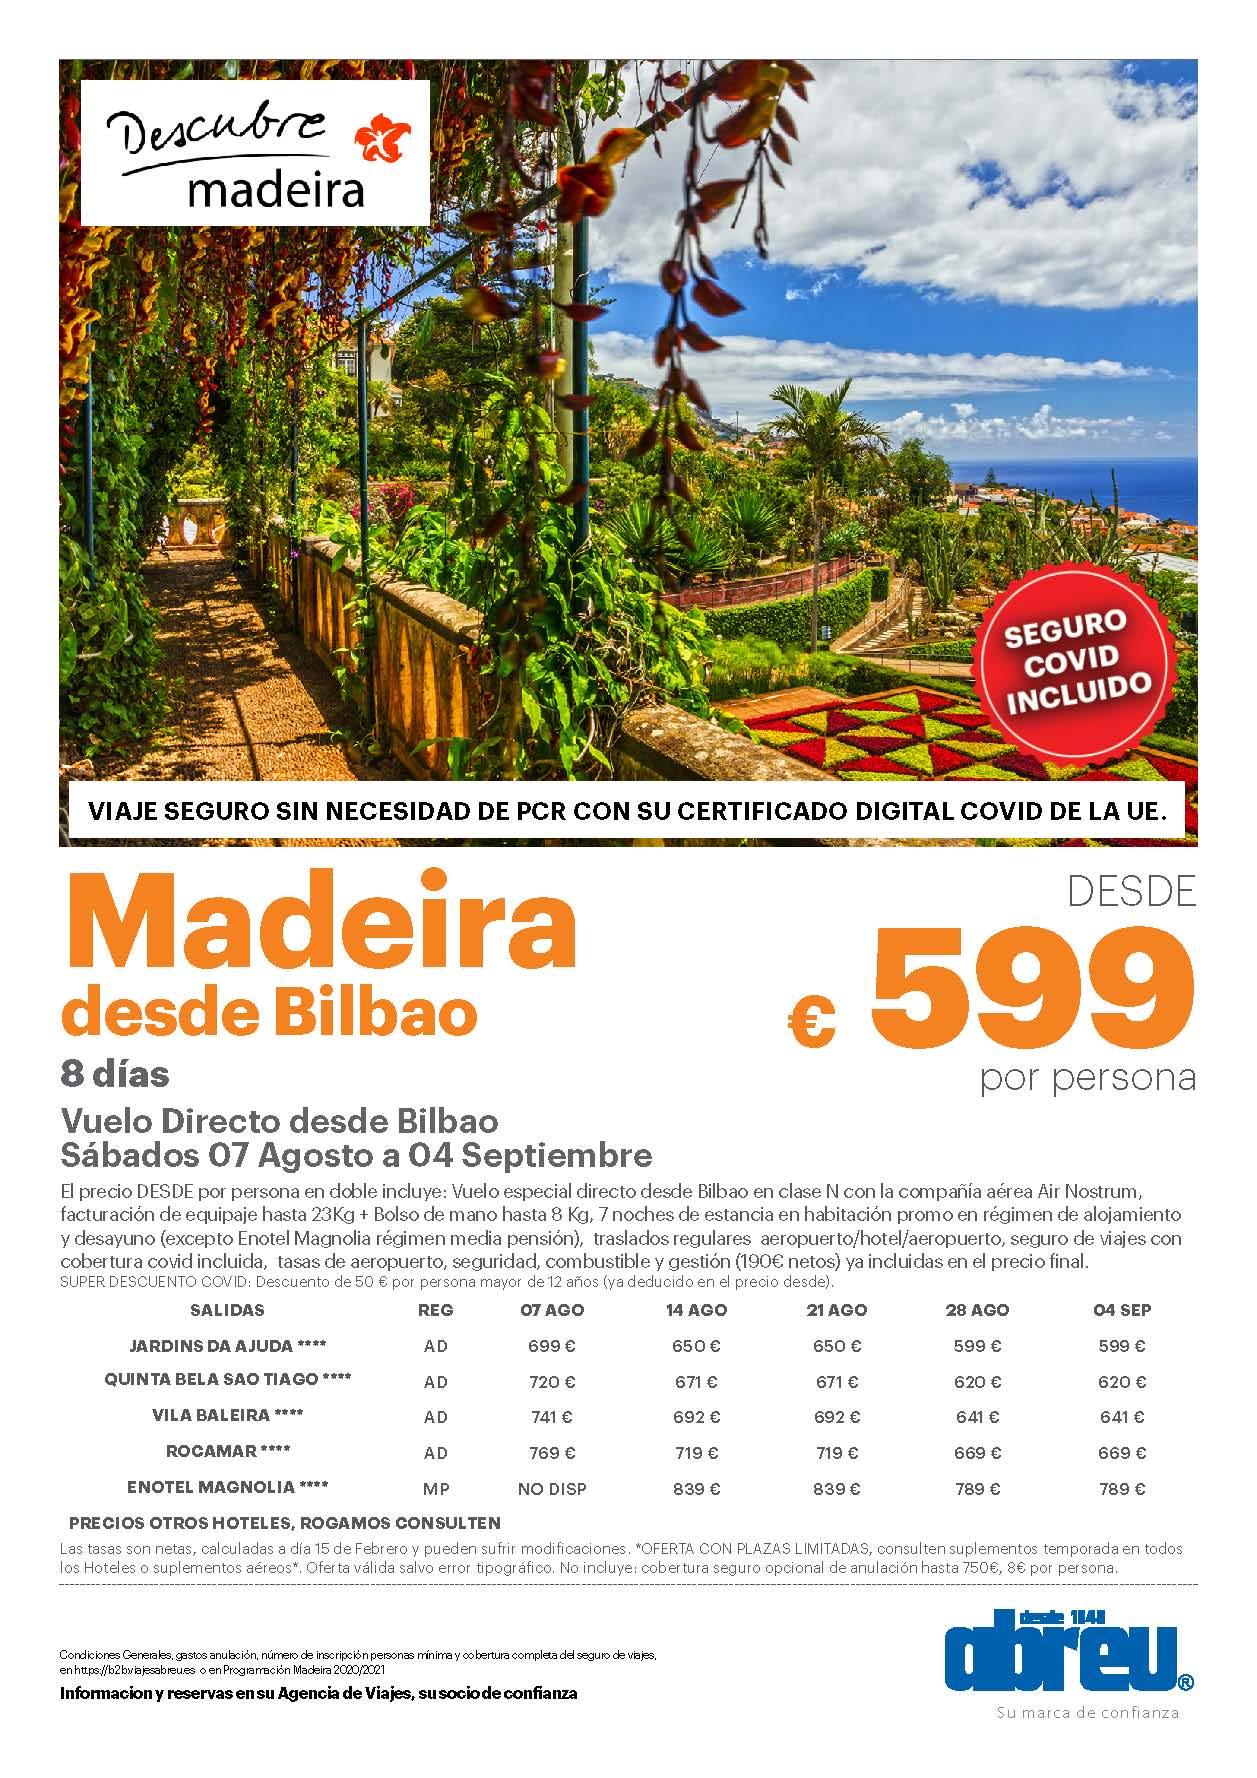 Oferta Abreu Madeira Agosto Septiembre 2021 vuelo directo desde Bilbao